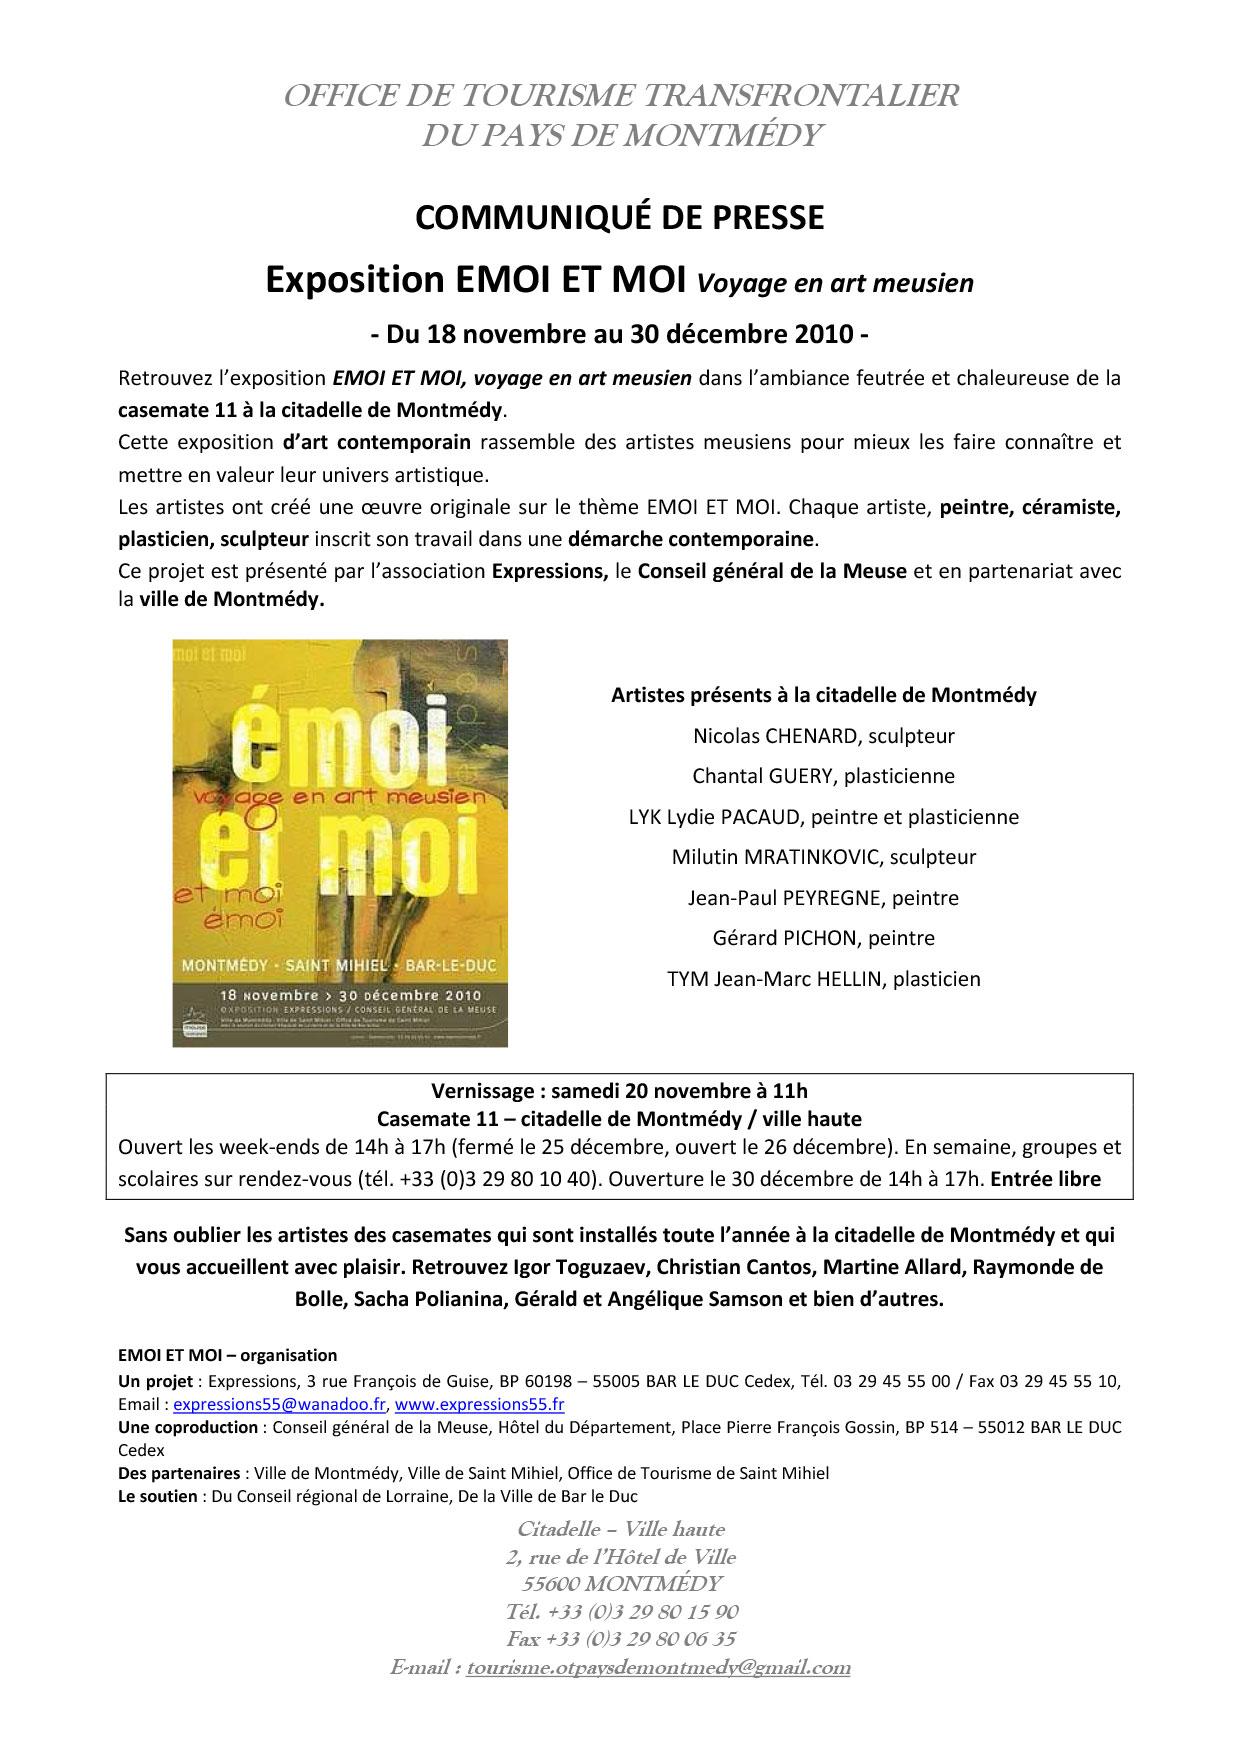 2010-Voyage-en-Art-Meusien-émoi-et-moi-à-Montmedy